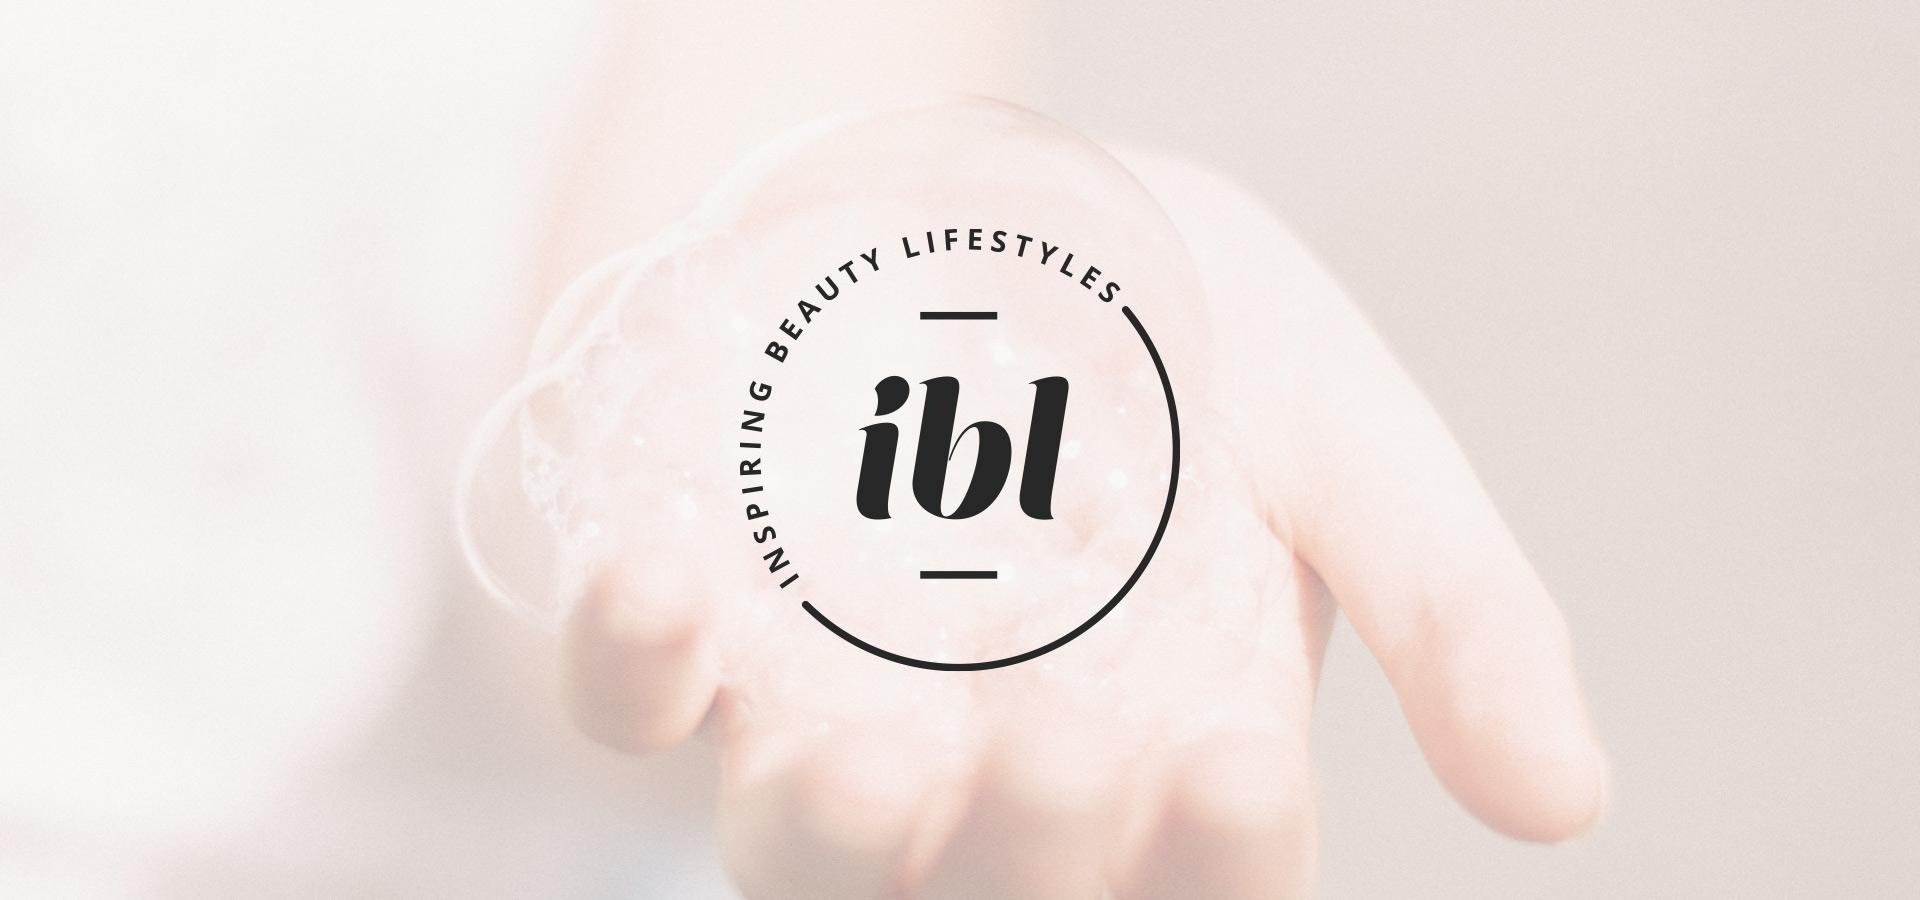 branding kit social media logo design